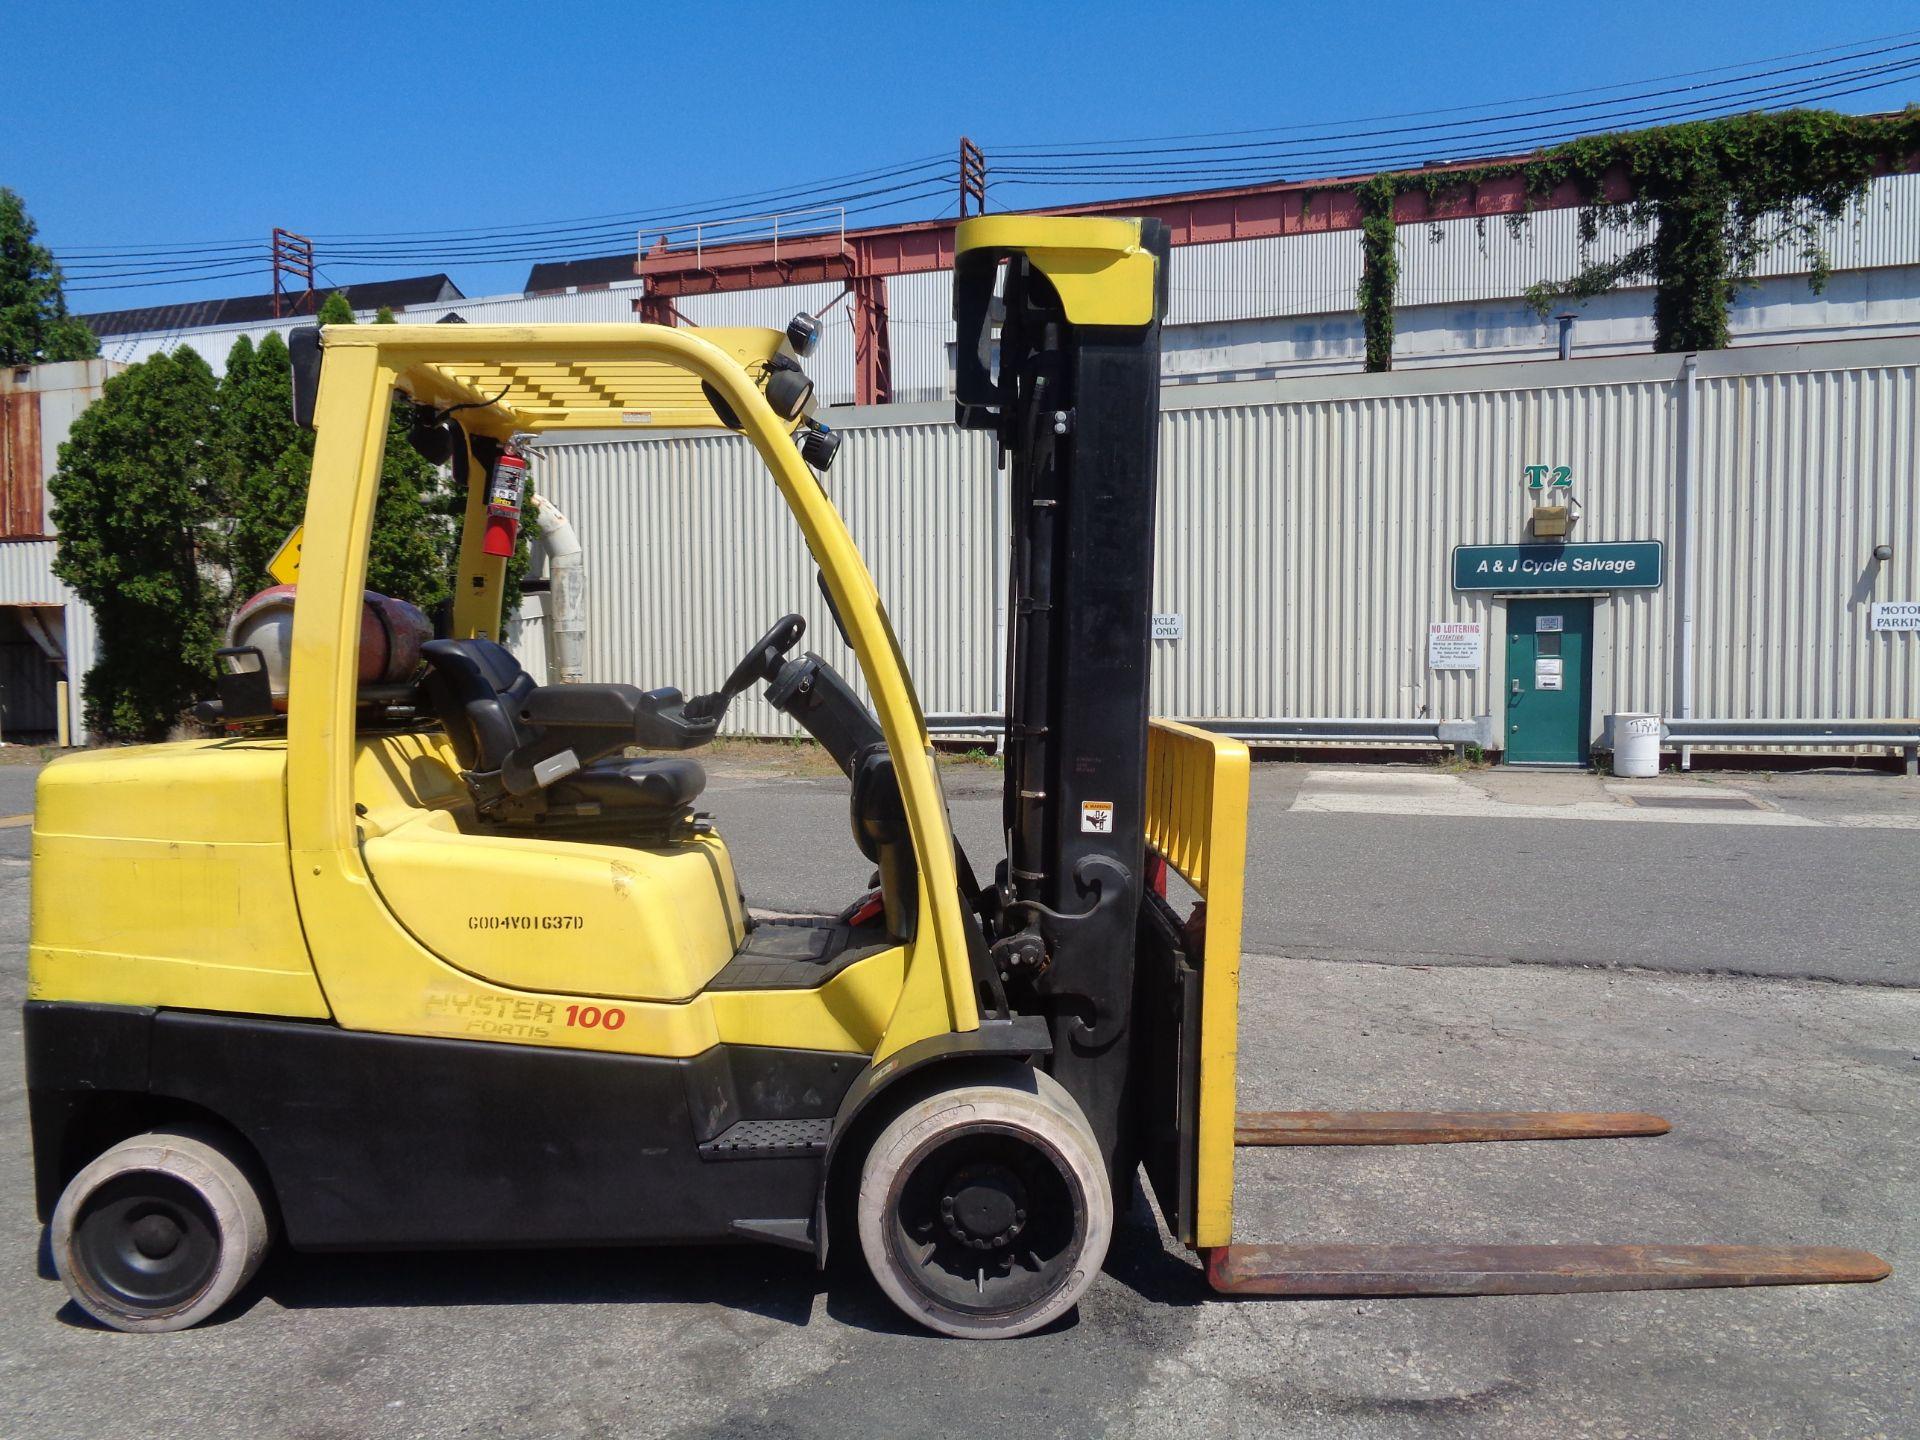 Hyster S100FT 10,000lb Forklift - Image 2 of 17